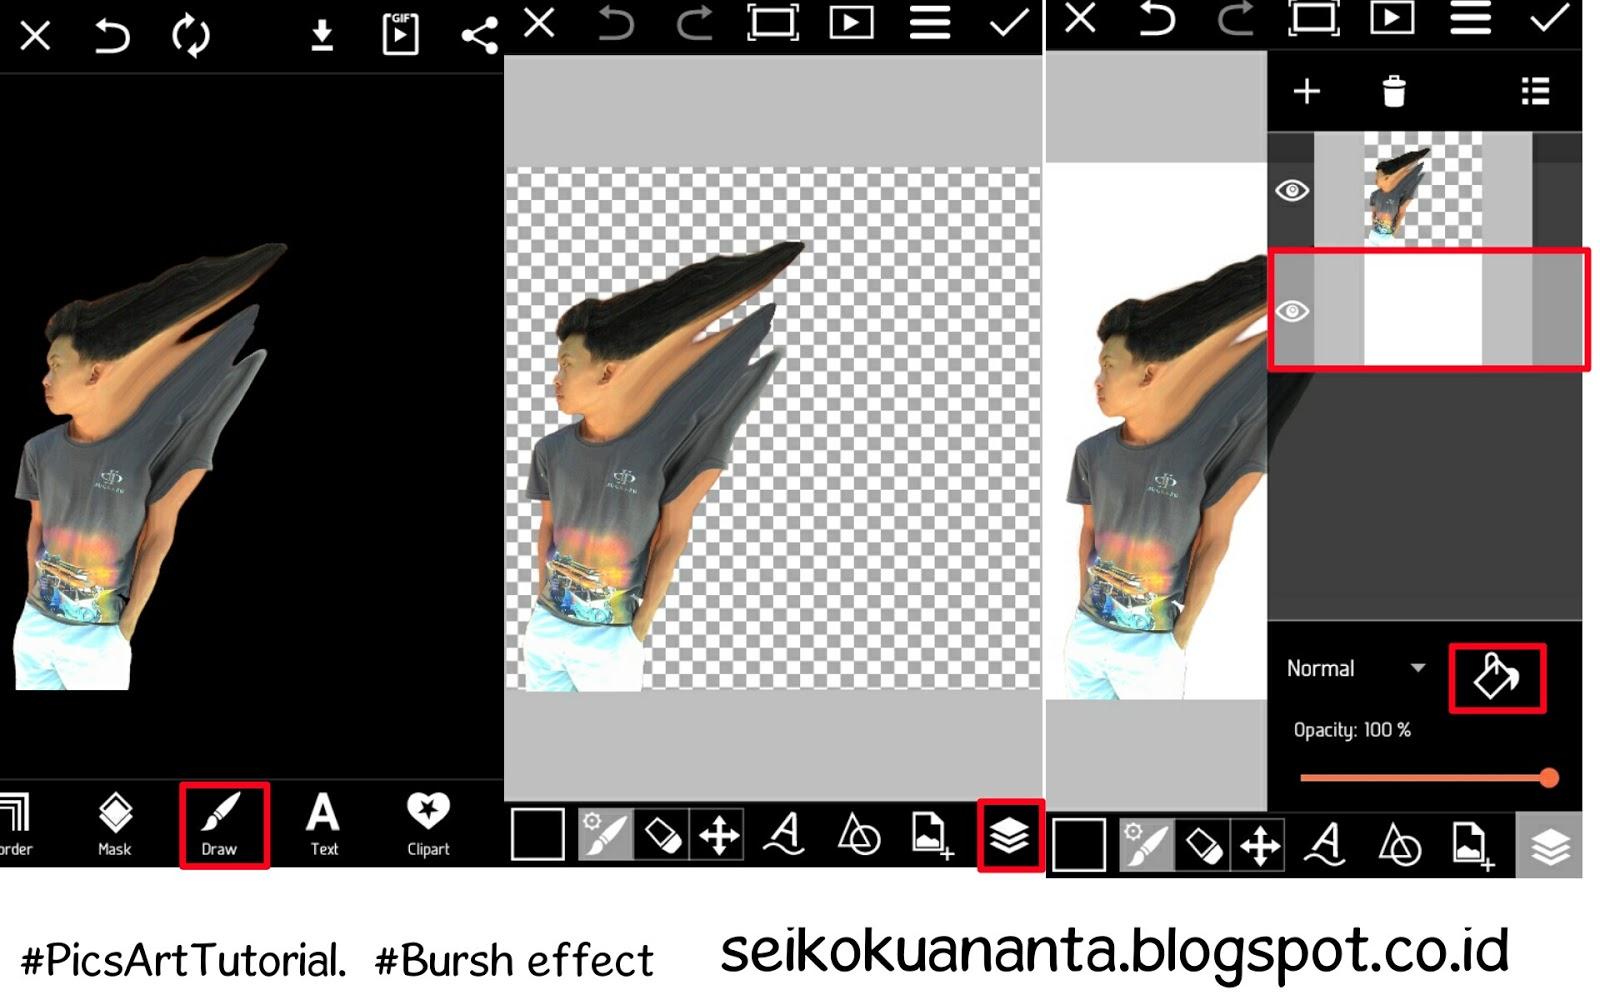 Cara membuat foto berhamburan menggunakan picsart studio - Seikoku ...